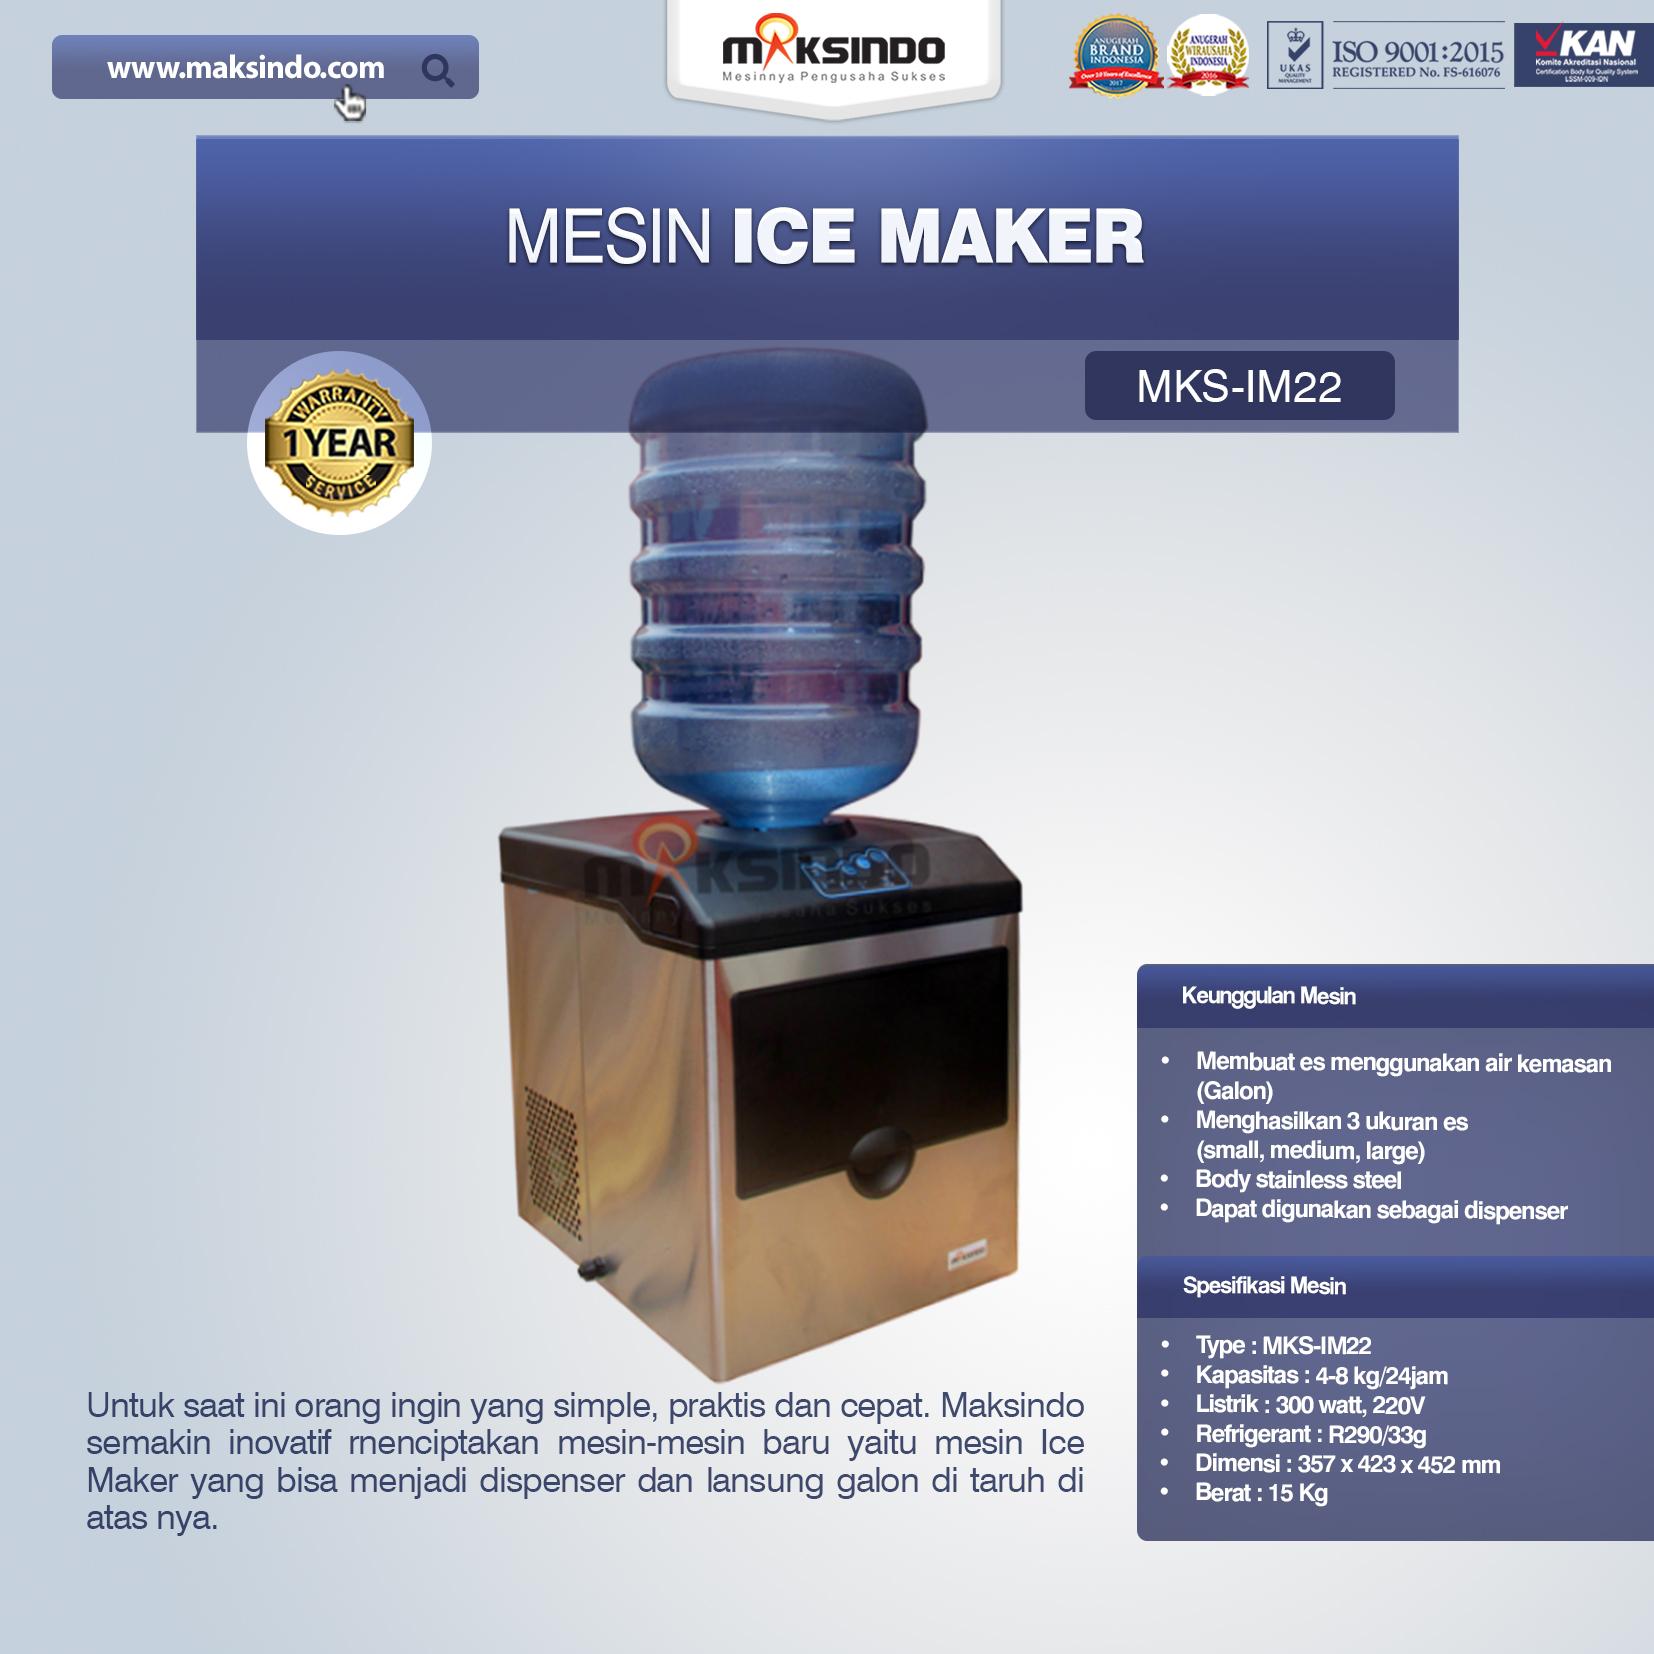 Jual Mesin Ice Maker MKS-IM22 di Bekasi